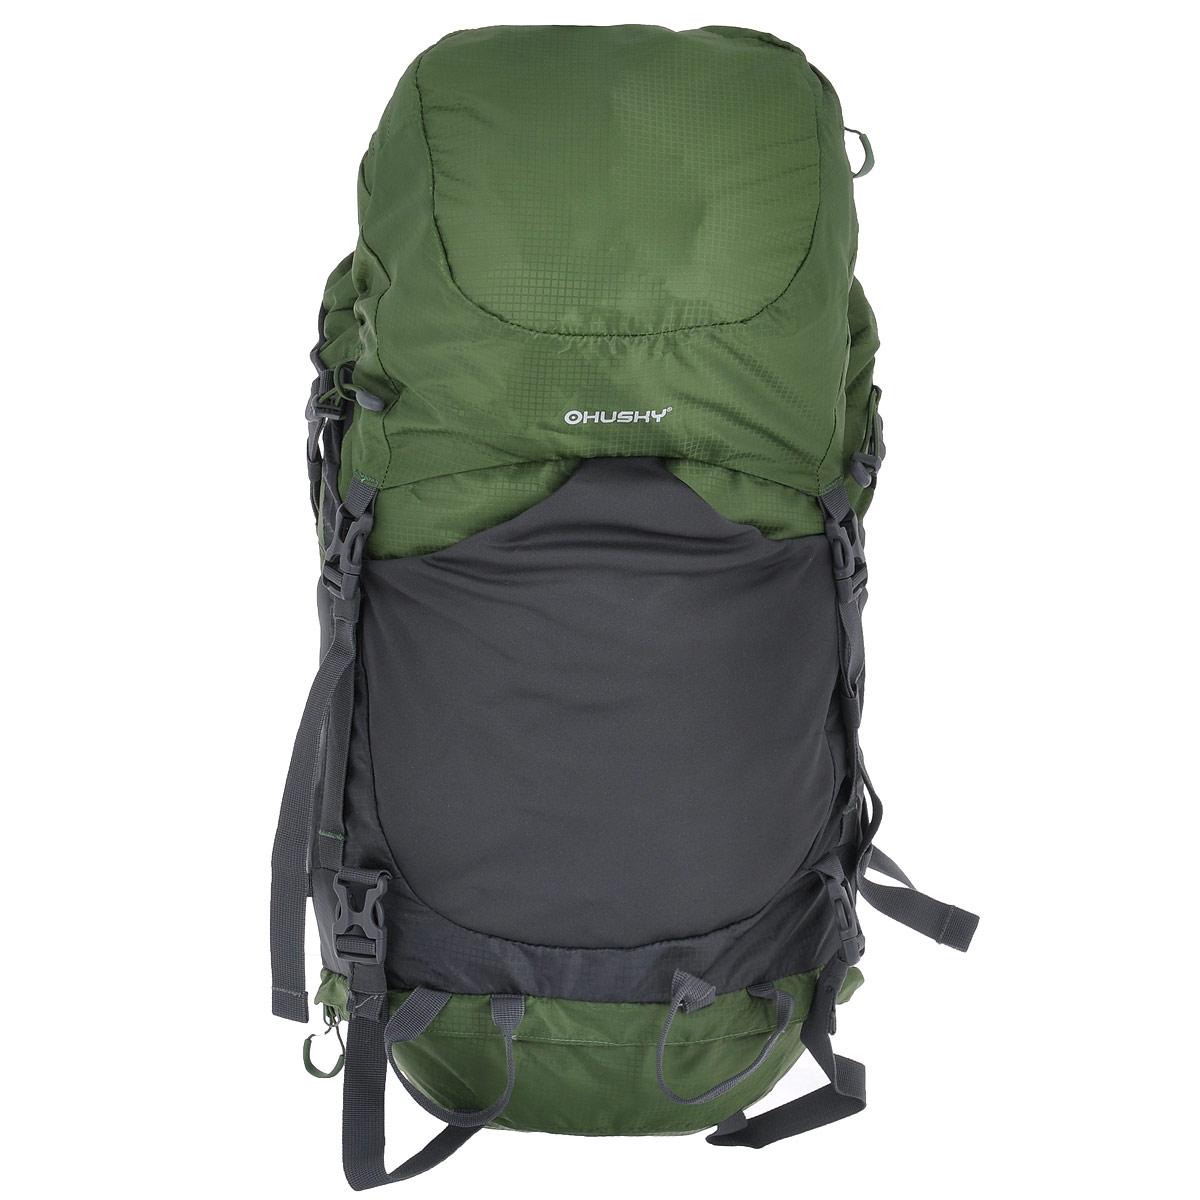 Рюкзак туристический Husky Menic, цвет: черный, серый, зеленый, 50 лNF-40203Рюкзак Husky Menic - незаменимый атрибут туриста! Он выполнен из водонепроницаемого нейлона и оснащен светоотражательными элементами.С этим вместительным рюкзаком можно отправиться в любое путешествие. Его удобно носить за плечами благодаря широким лямкам, грудному ремню, ремню на поясе и жесткой спинке с дюралюминиевыми вставками и системой вентиляции спины ETS. Основное отделение имеет объем 50 л. Доступ к нему открывается сверху (закрывается затягивающимся шнурком, пластиковым карабином и капюшоном), снизу (замок на застежке-молнии и карабин) и сбоку (застежка-молния). Внутри главного отделения находится глубокий карман на застежке-молнии для гидратора.Сверху у рюкзака находится 1 карман на застежке-молнии (на капюшоне) с 2 сетчатыми карманами внутри. Капюшон соединяется с нижней частью рюкзака при помощи 2 пластиковых карабинов.На лицевой стороне расположен эластичный карман на резинке. По бокам рюкзака расположены 2 кармана на резинке. Также есть карман на застежке-молнии на поясе.На дне рюкзака находится карман с накидкой от дождя.Рюкзак Husky Menic - превосходный выбор для путешествия с комфортом. Вес: 1,68 кг.